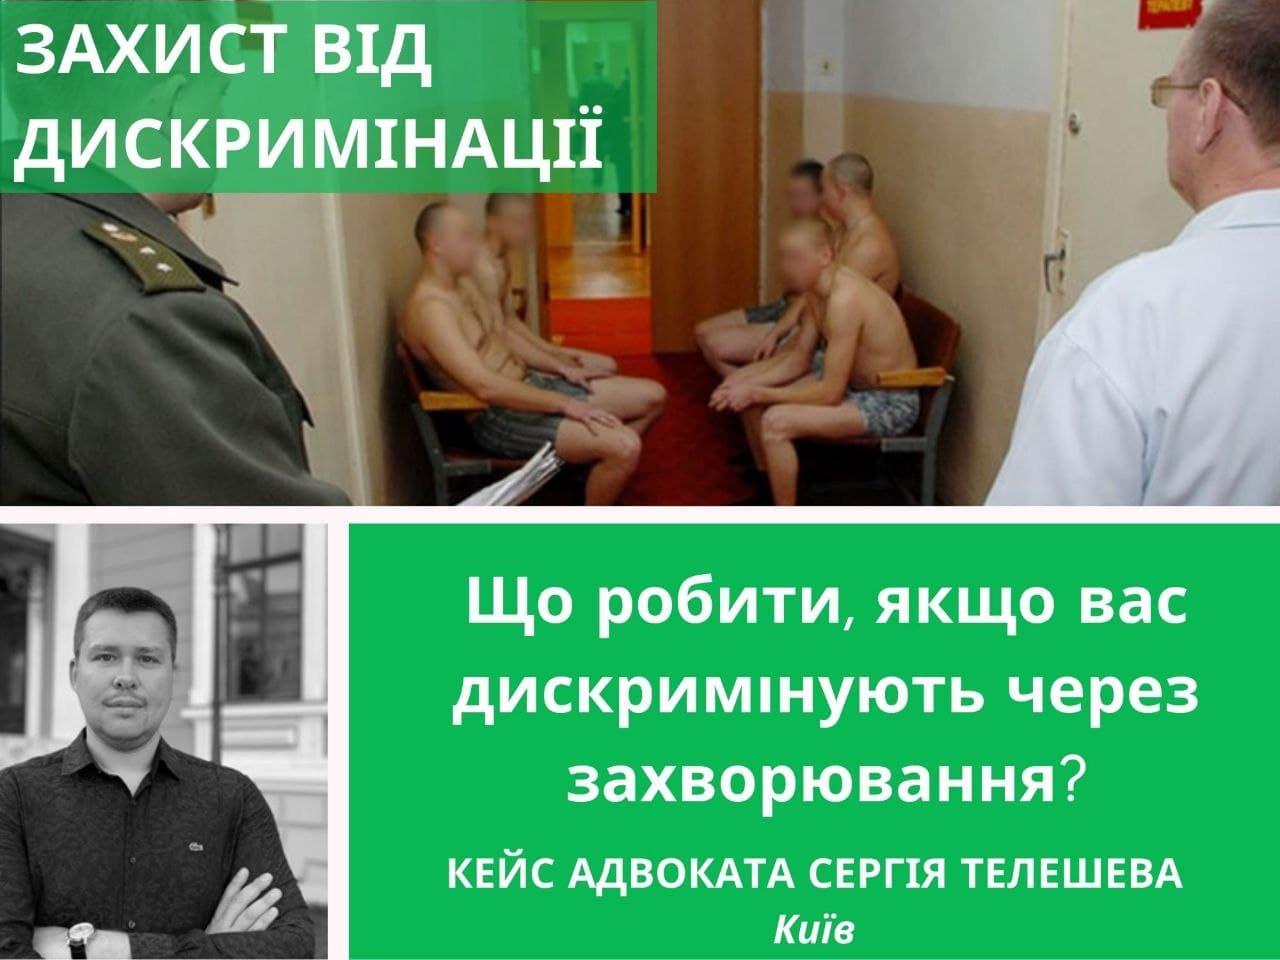 """Киянина 8 місяців """"мучили"""" у військкоматі через діагноз, поки за нього не заступився адвокат"""